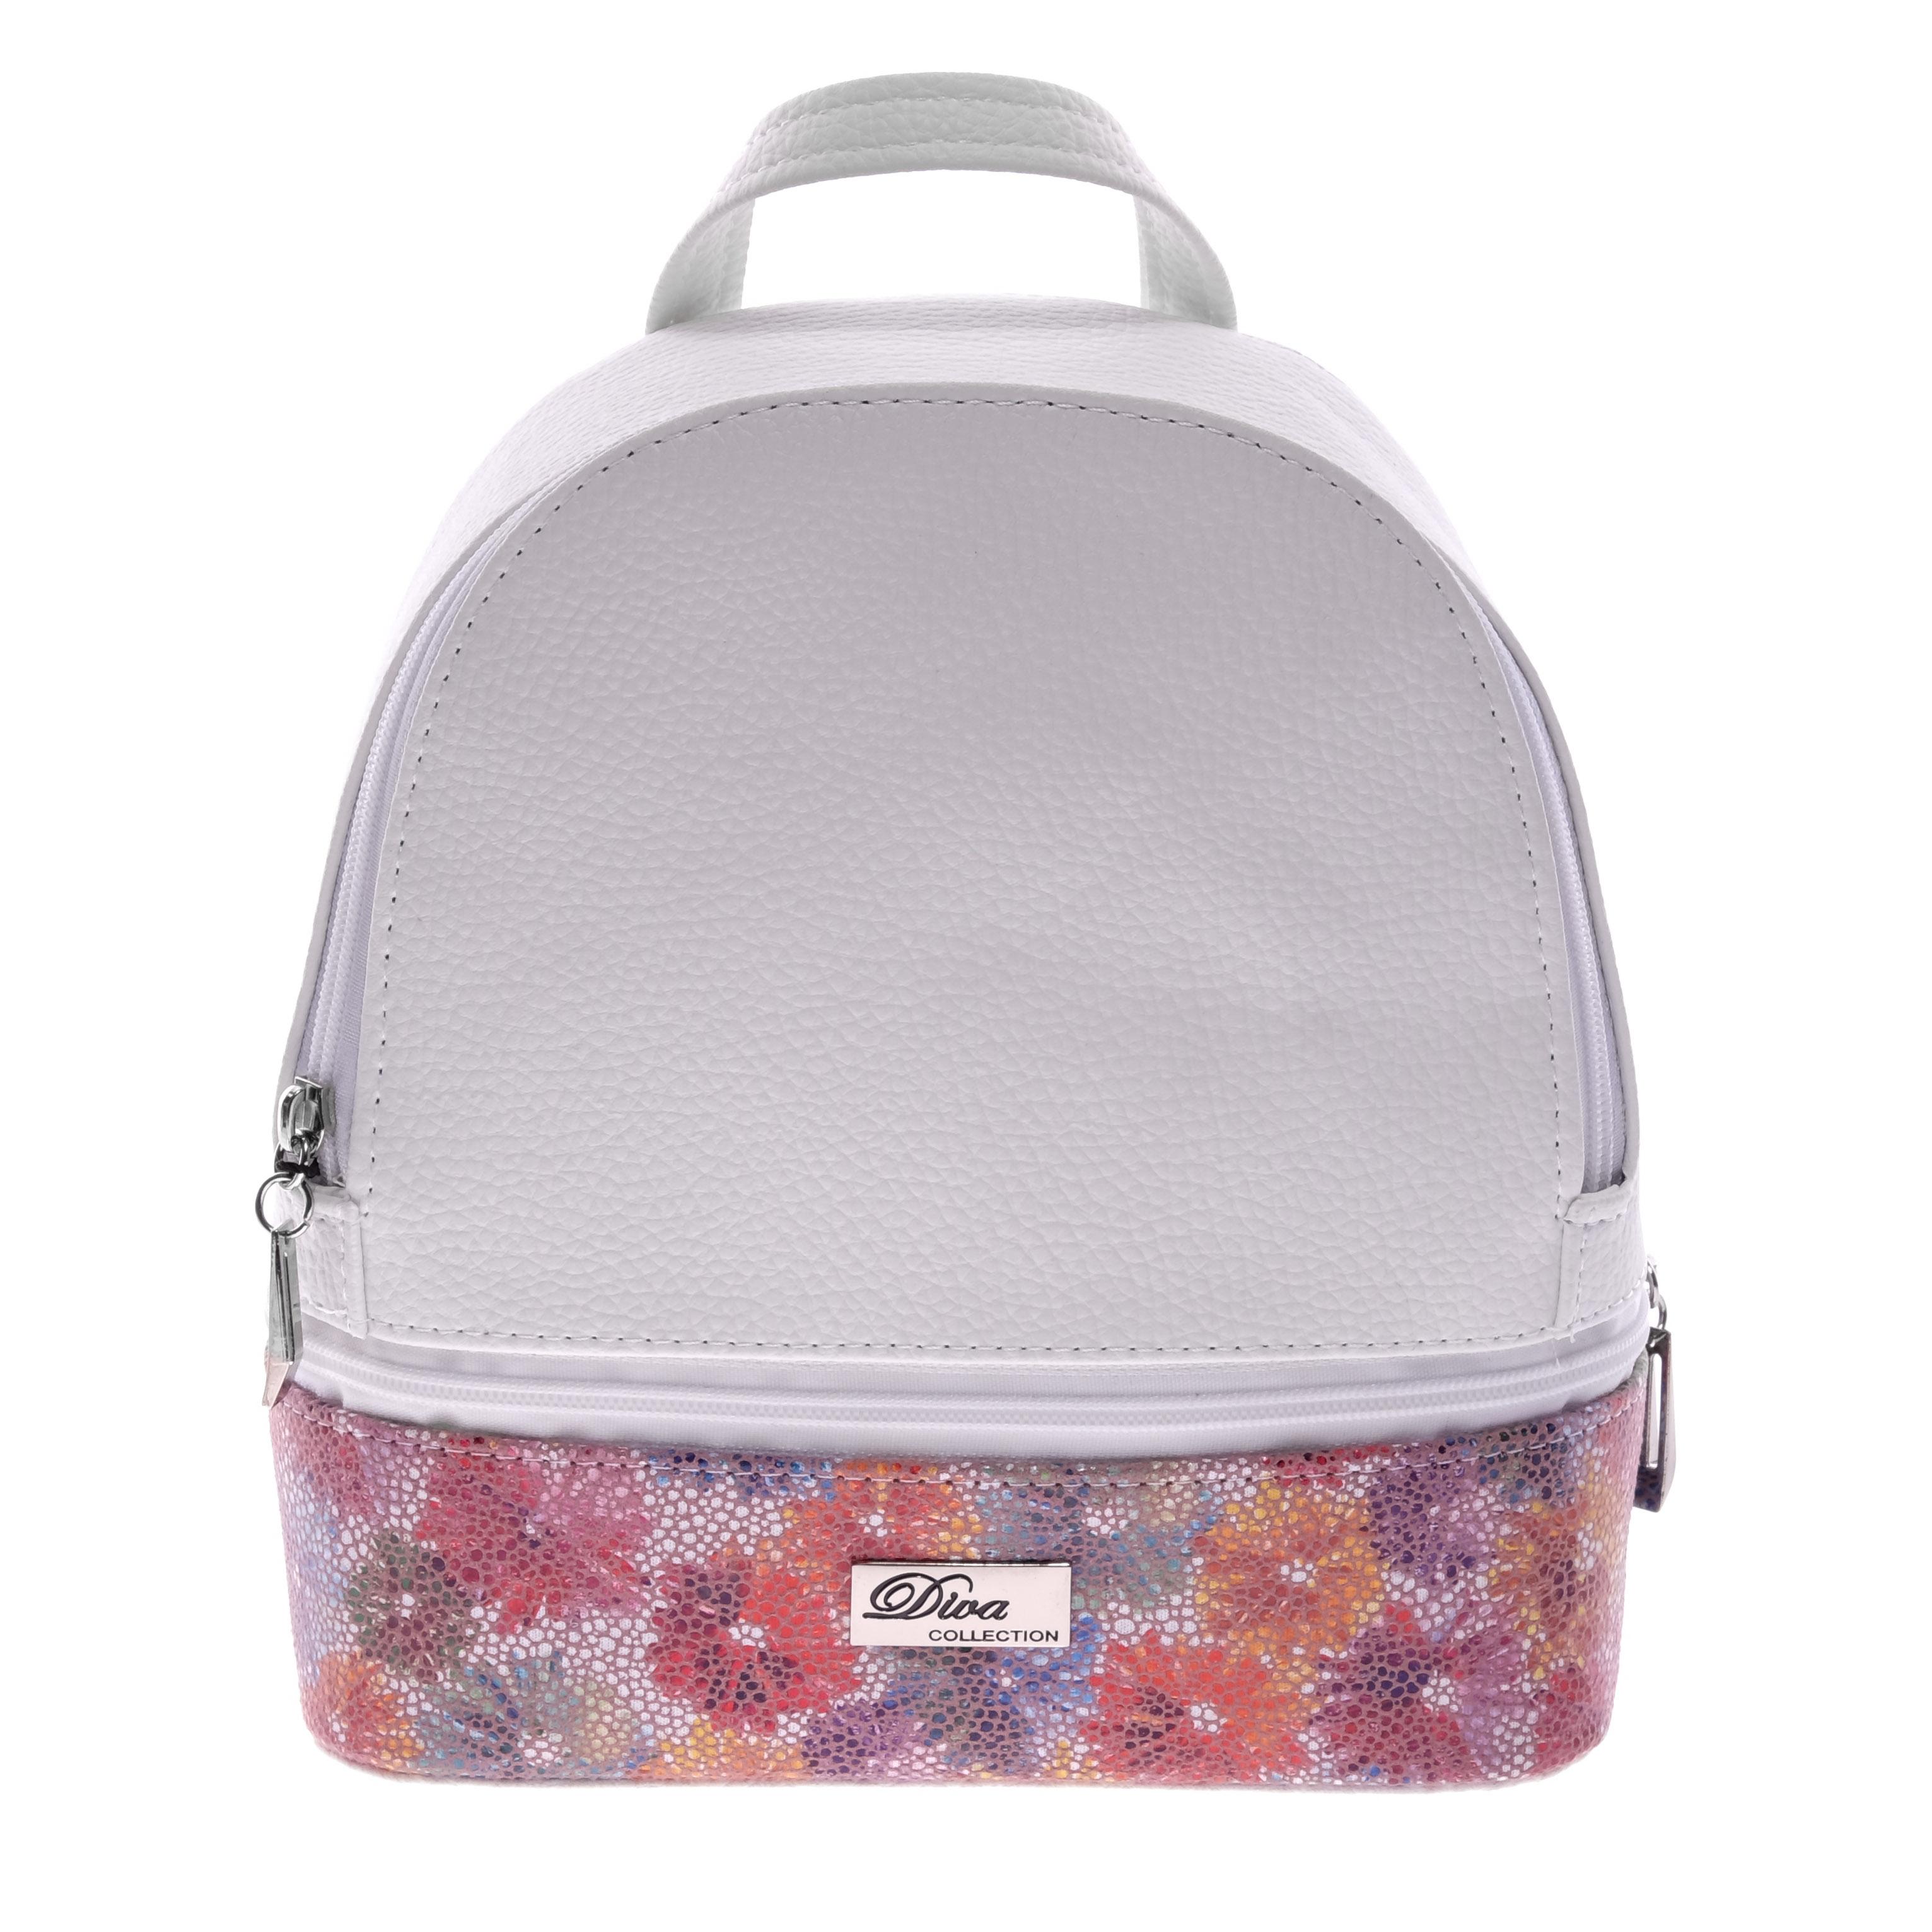 Diva Női Fehér Virágos Hátizsák - Műbőr - Táska webáruház - Minőségi táskák  mindenkinek 93e6999b59